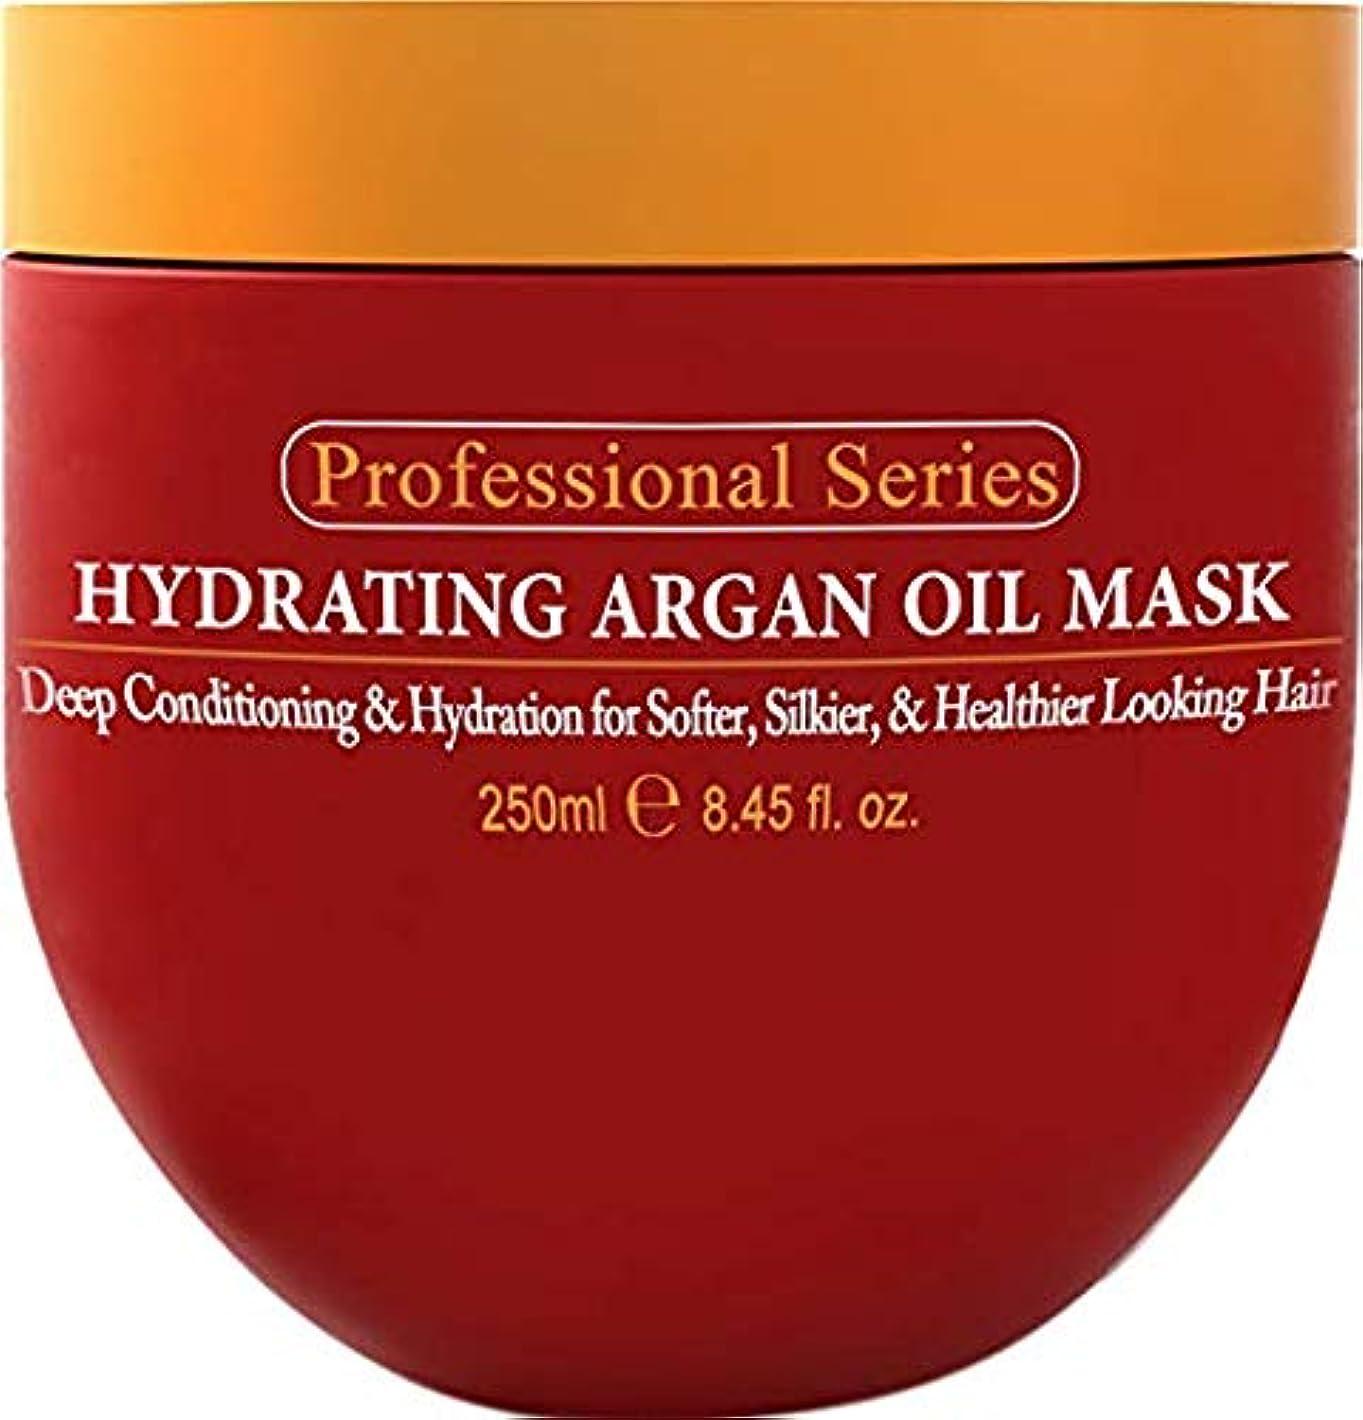 菊寄生虫情熱アルガンオイルヘアマスク Hydrating Argan Oil Hair Mask and Deep Conditioner 8.45 Oz 250ml 海外直送品 [並行輸入品]